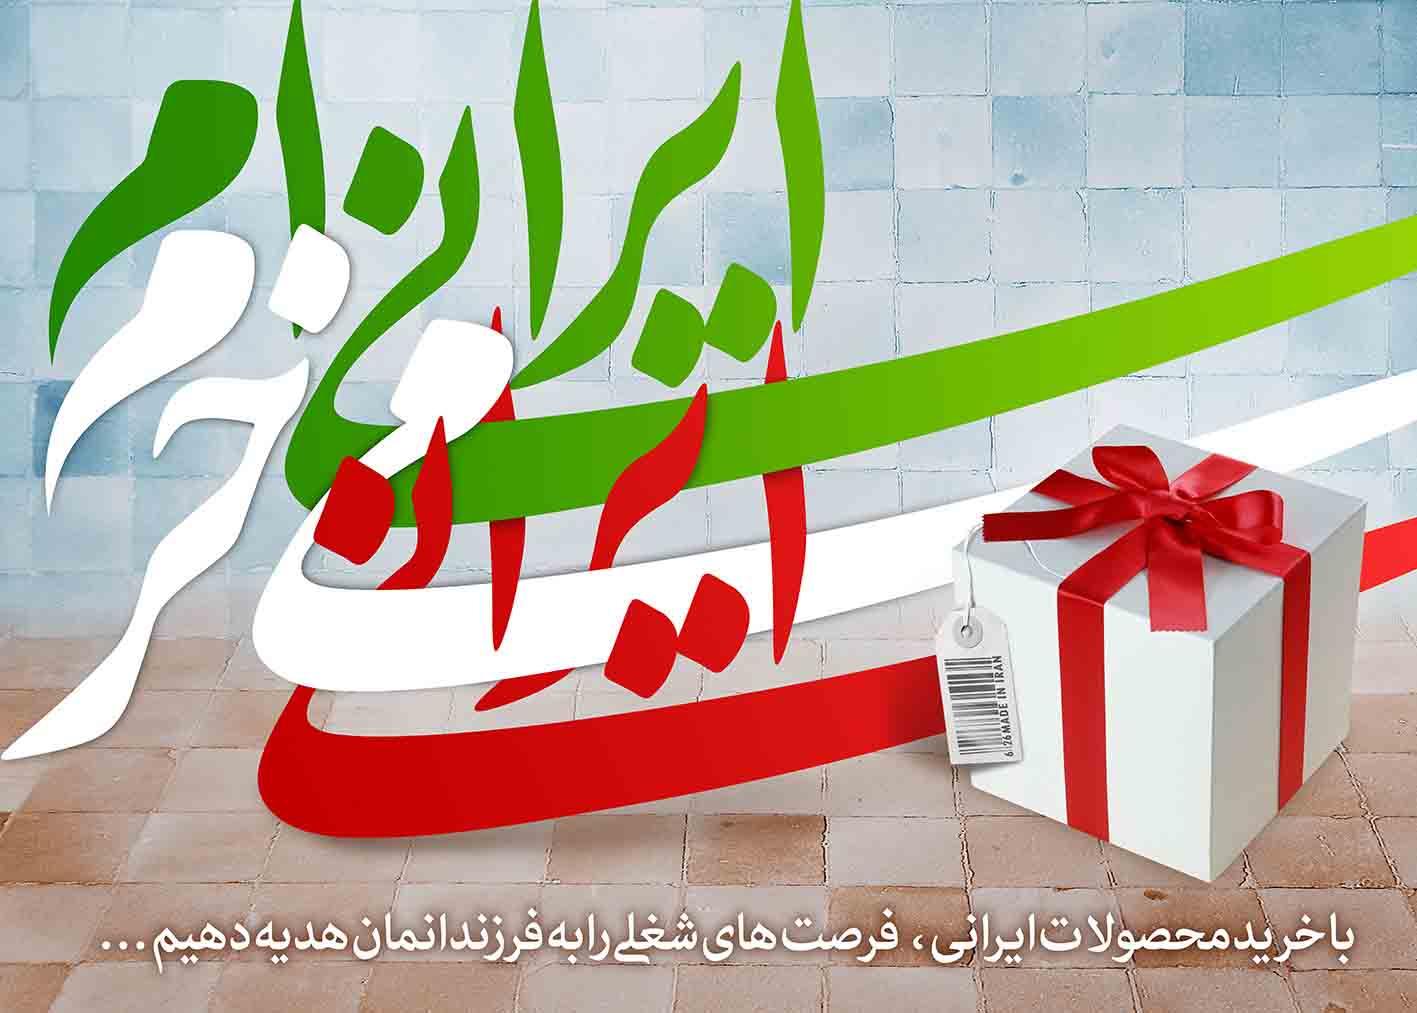 نقش رسانه ها در حمایت از تولید کالاهای دانشبنیان ایرانی- پایگاه اینترنتی دانستنی آنلاین ایران